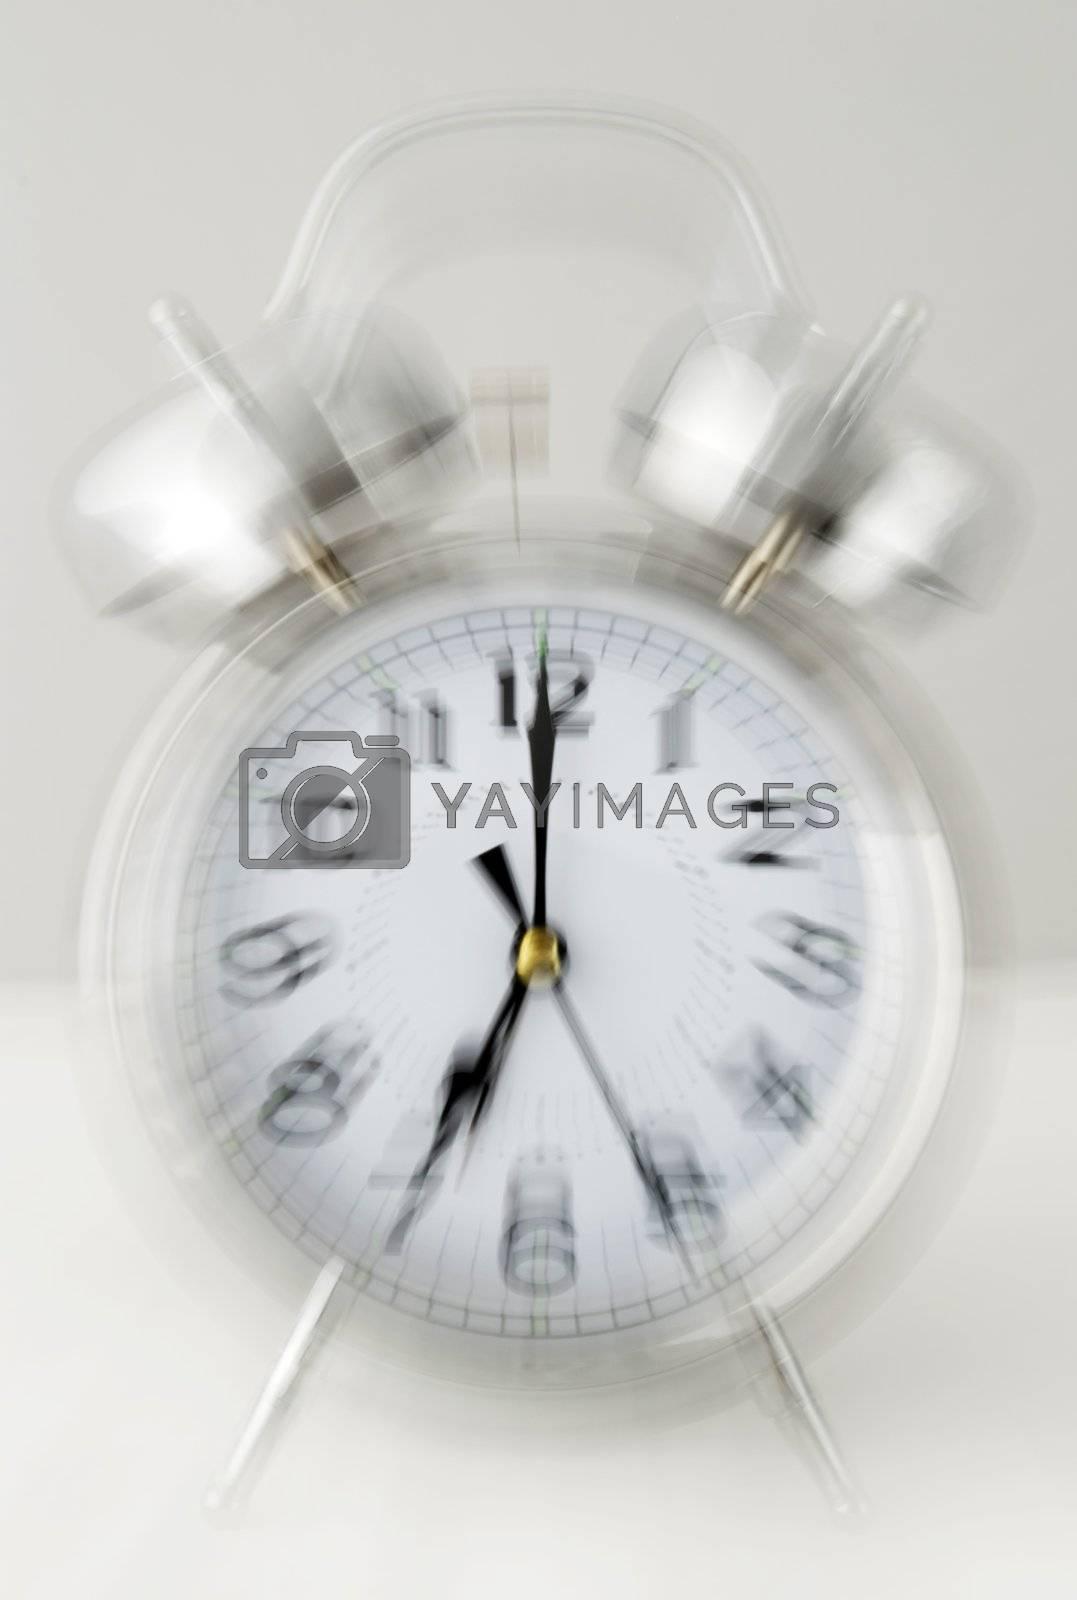 ringing alarm clock by massman